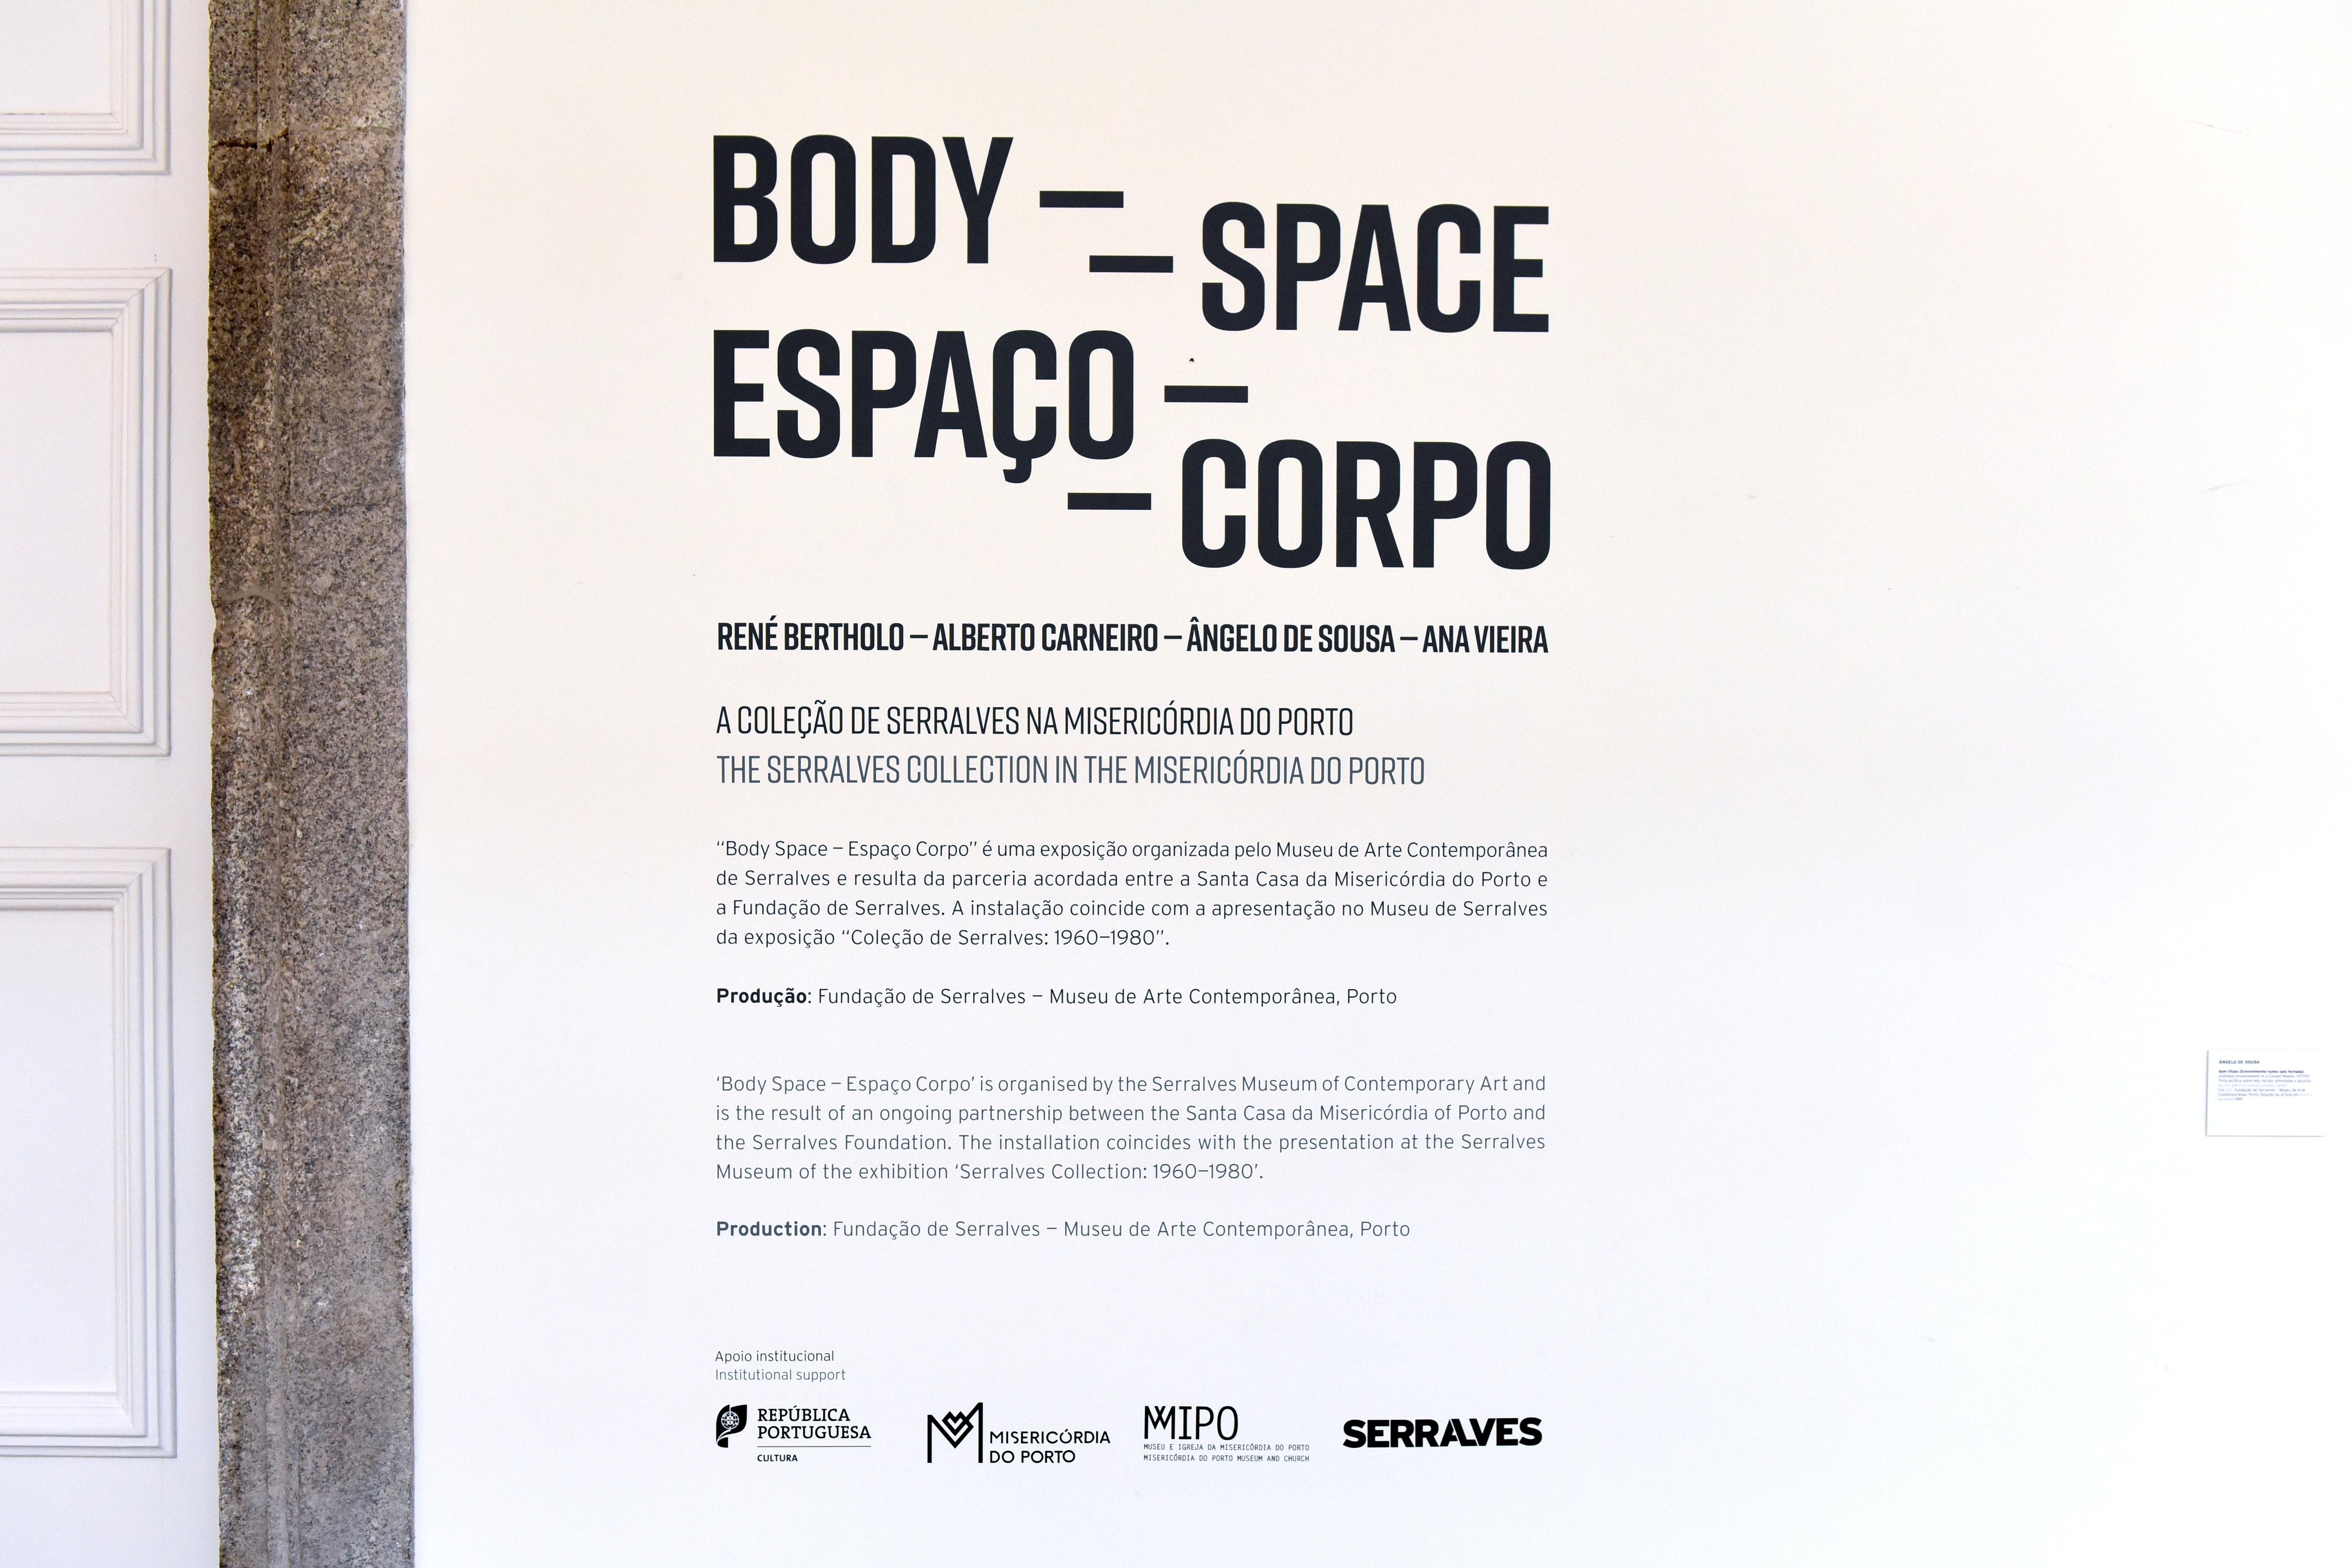 https://www.scmp.pt/assets/misc/2017/Body%20Space%20Serralves/site.jpg